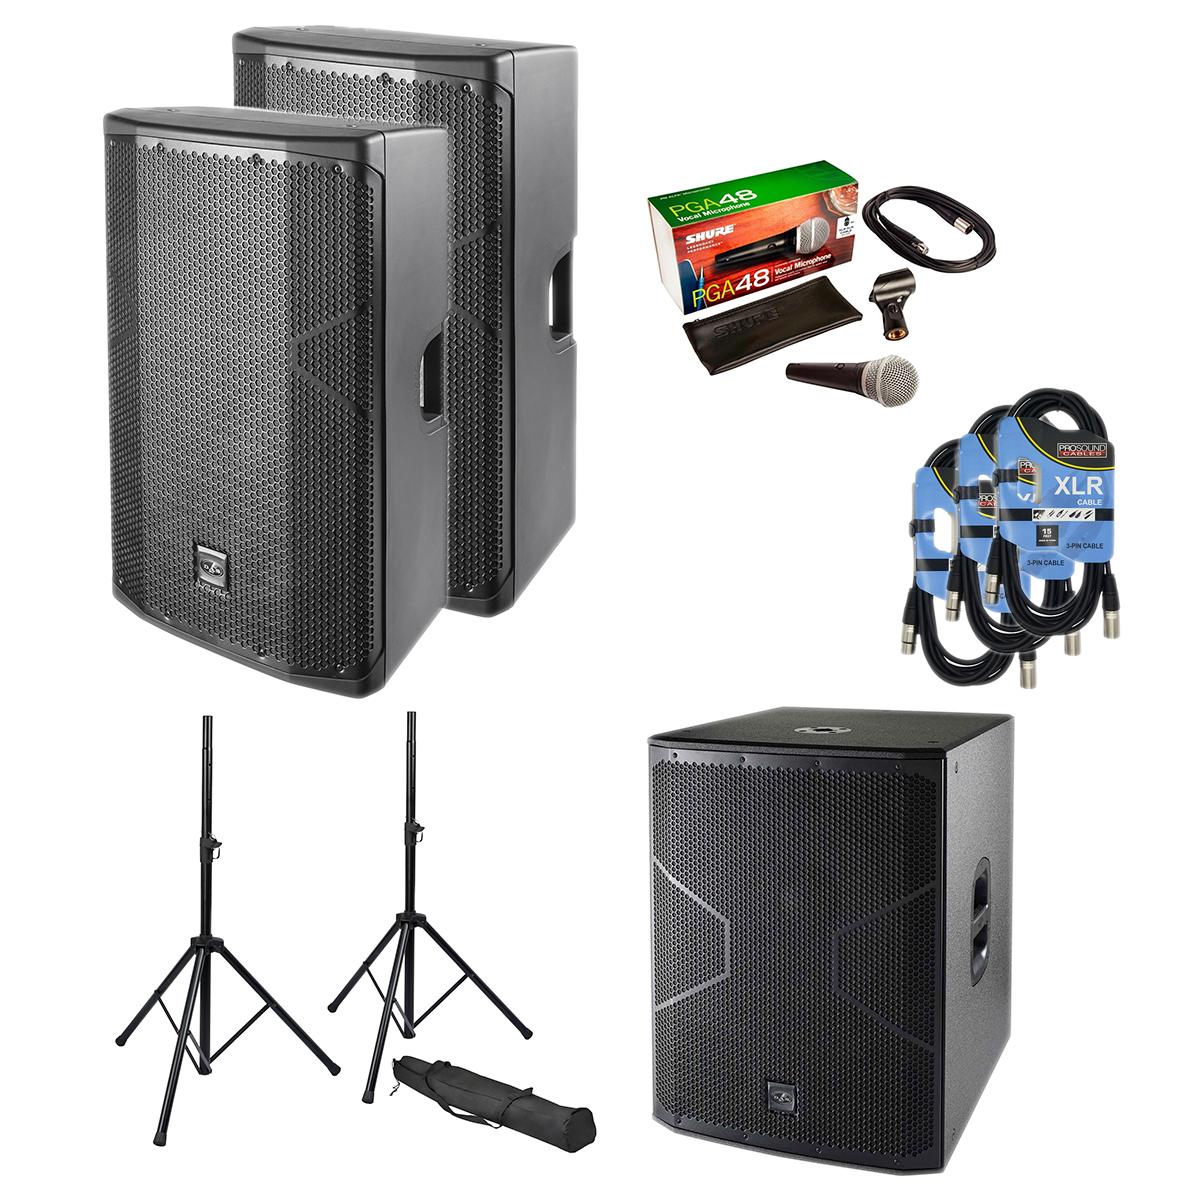 -3 DAS Altea 415A Pair - Speaker Stands - XLR Cables 3 - PG48 Mic - Das altea 718A - $1999.99